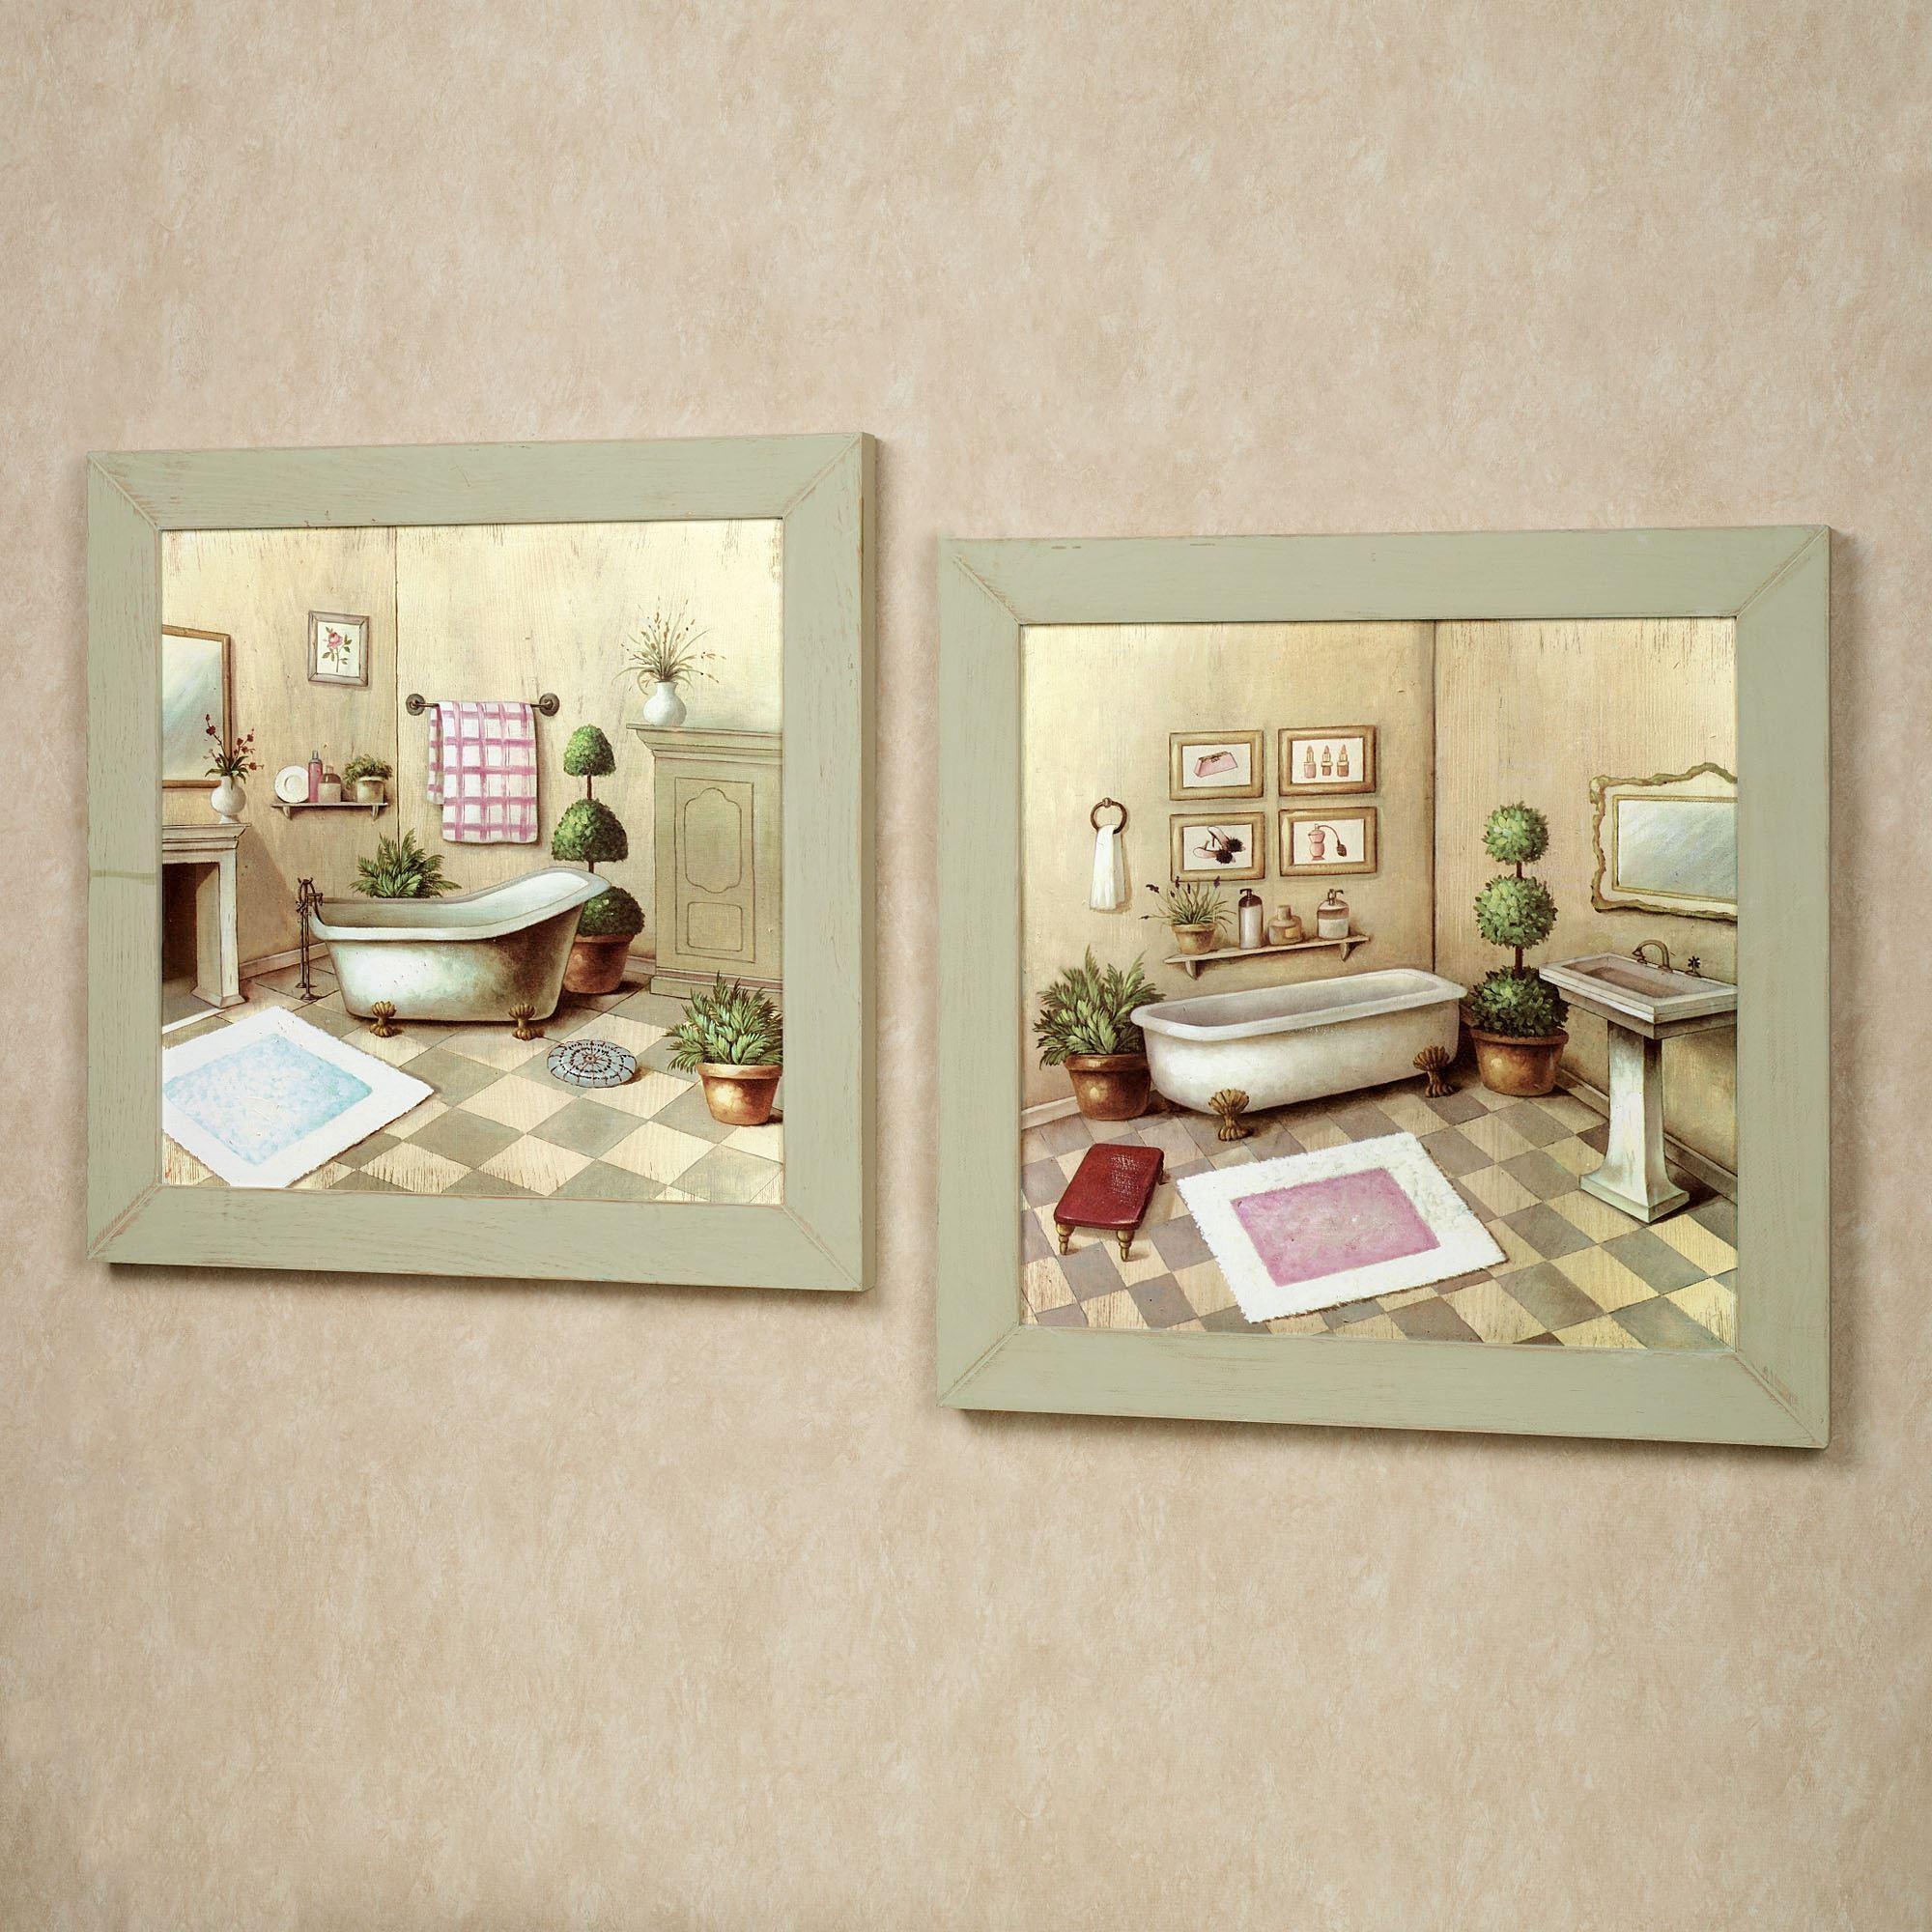 Framed Art For Bathroom, Framed Wall Art Decor For Bathroom Hobby Within Art For Bathrooms Walls (Image 11 of 20)